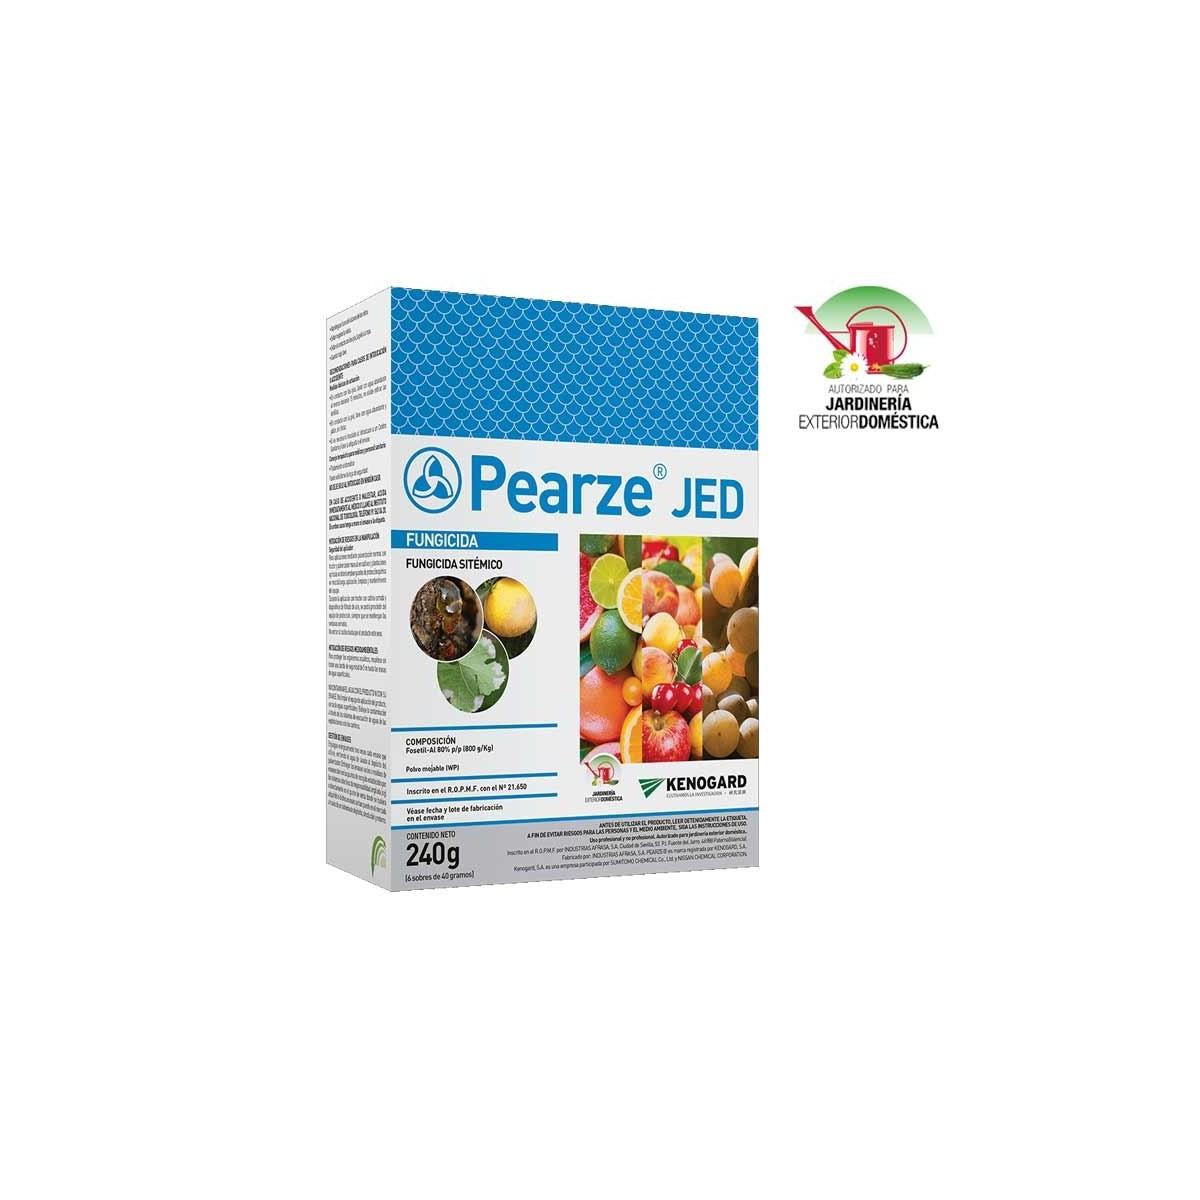 Fungicida pearze jed 240g (6x40g) (fosetil al)